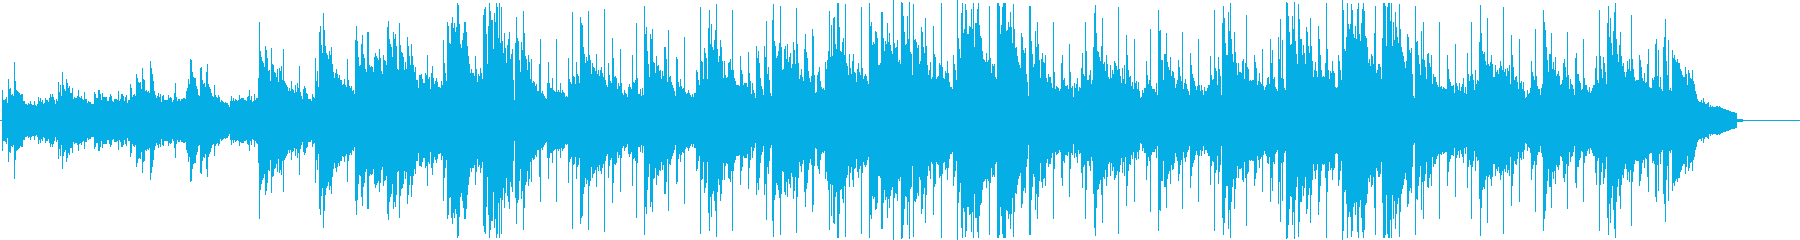 温かく平和的な優しいサウンドの再生済みの波形